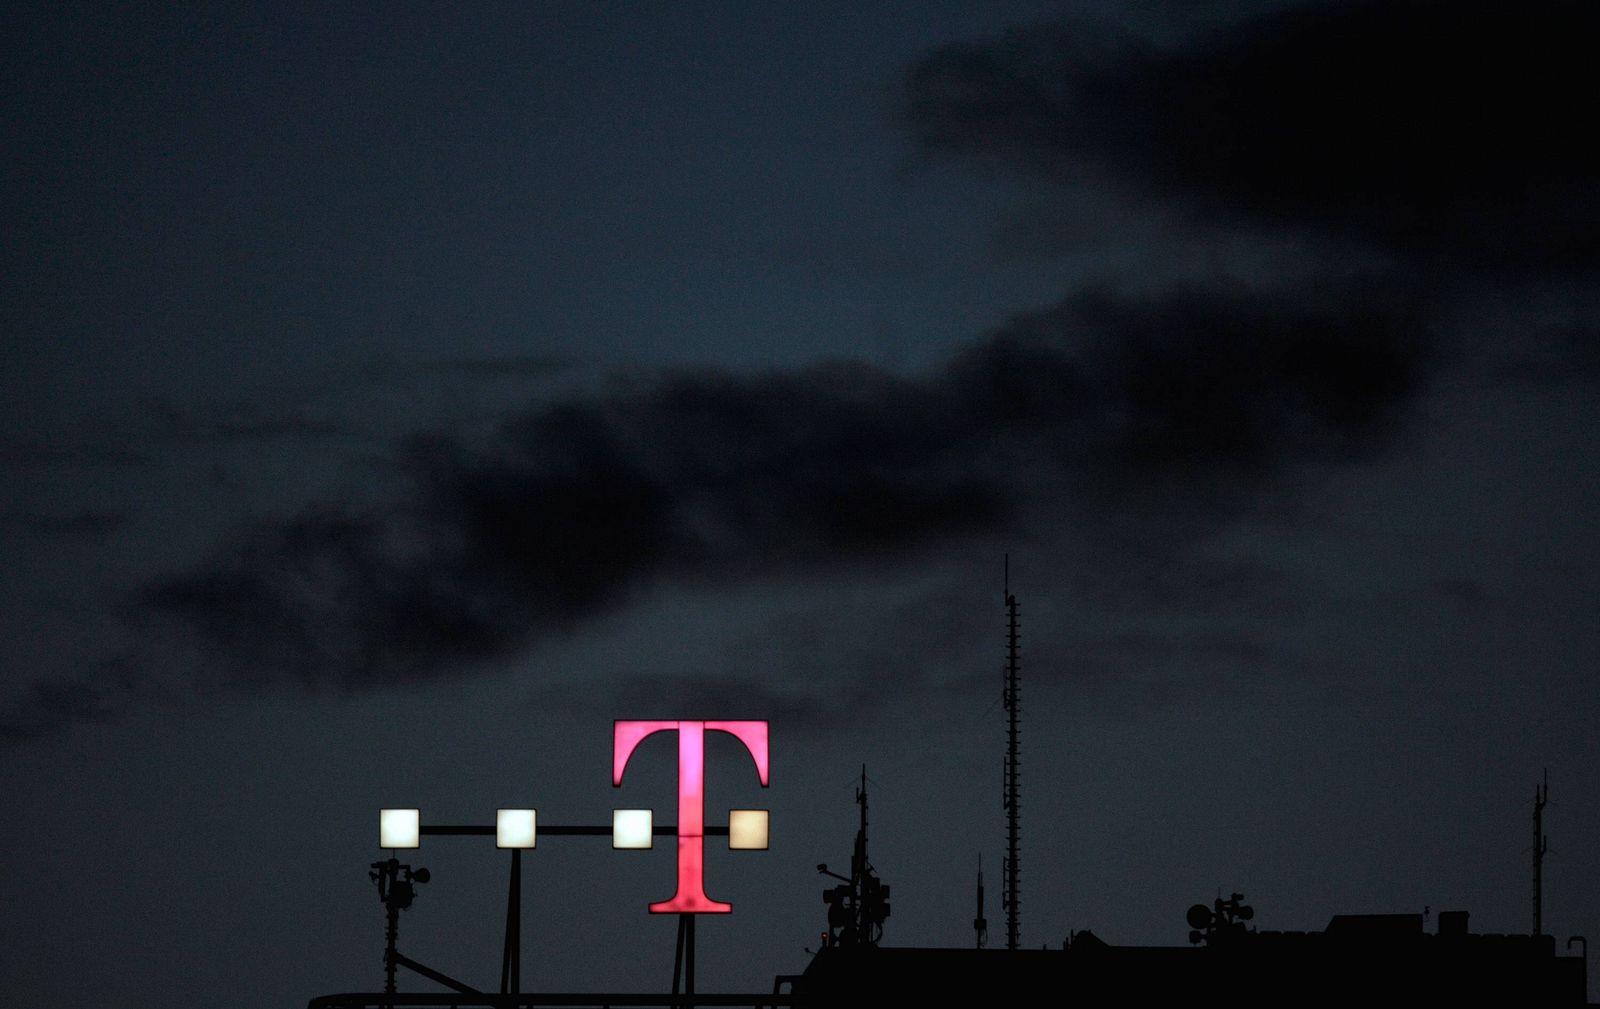 NICHT VERWENDEN THEMEN Telekom